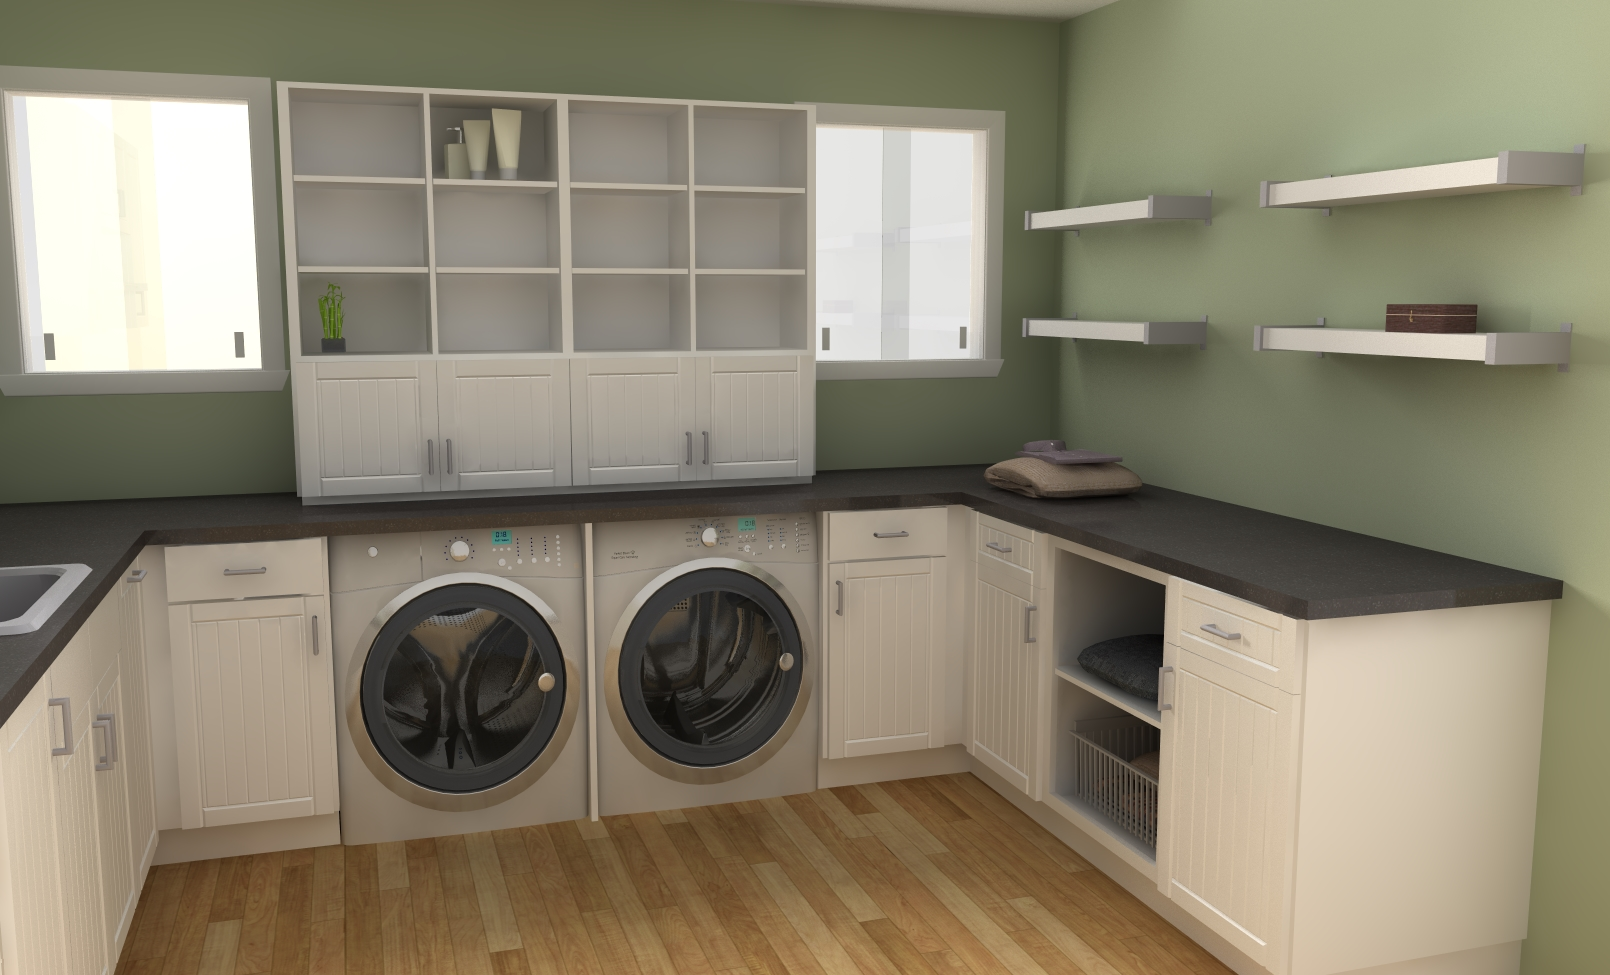 Ikea laundry room ideas for Laundry kitchen ideas